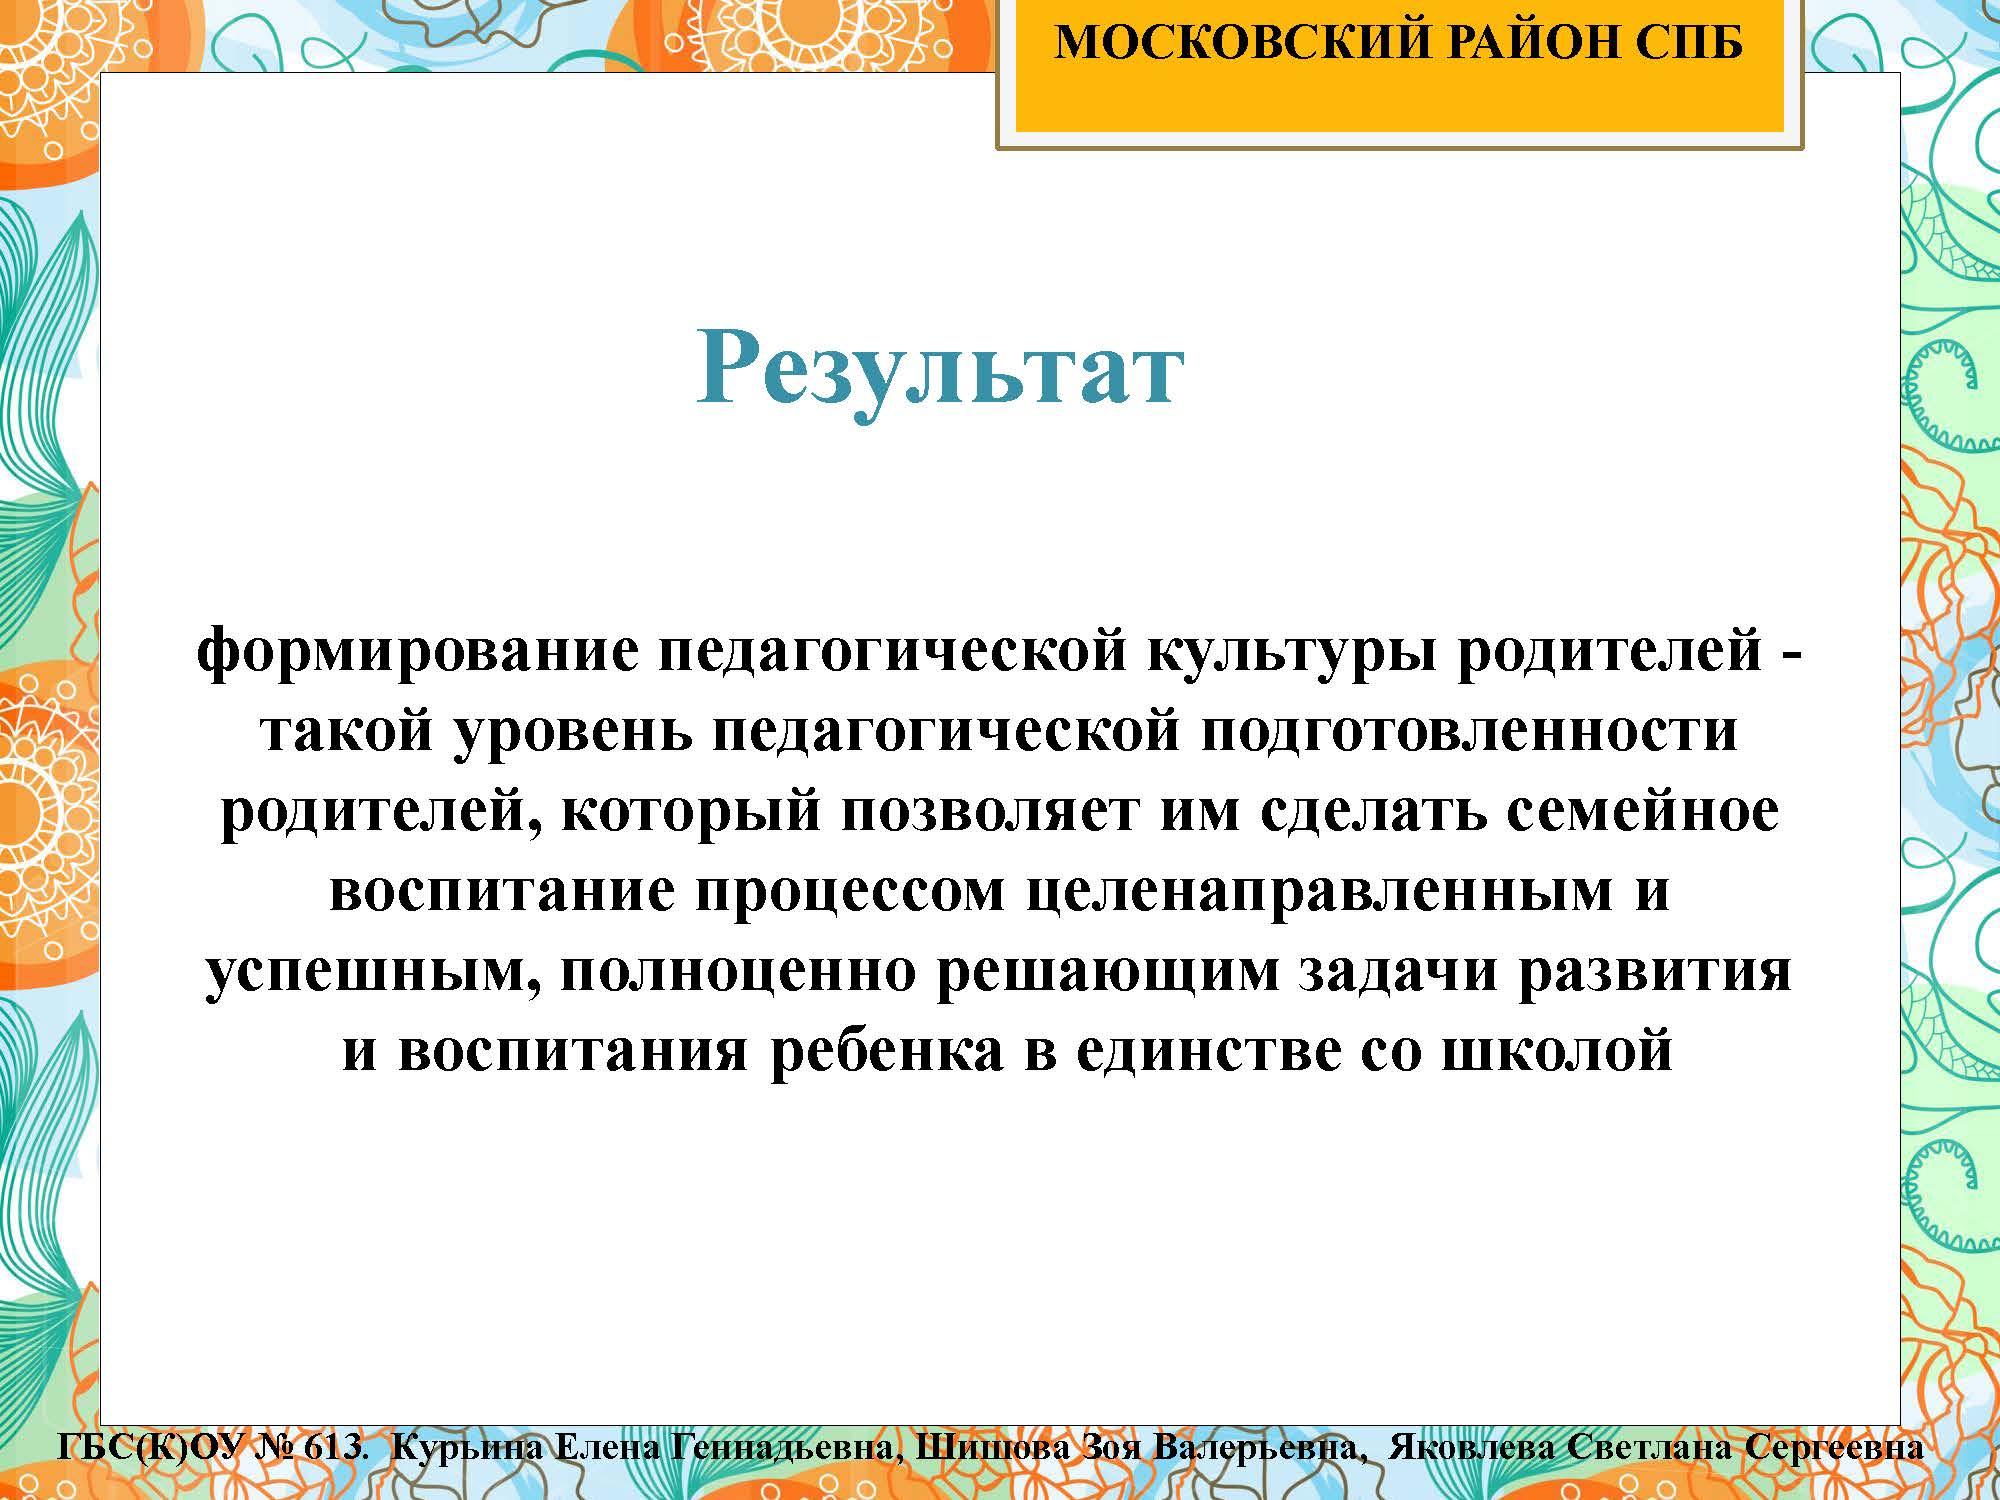 секция 8. ГБС(К)ОУ 613. Московский район_Страница_22